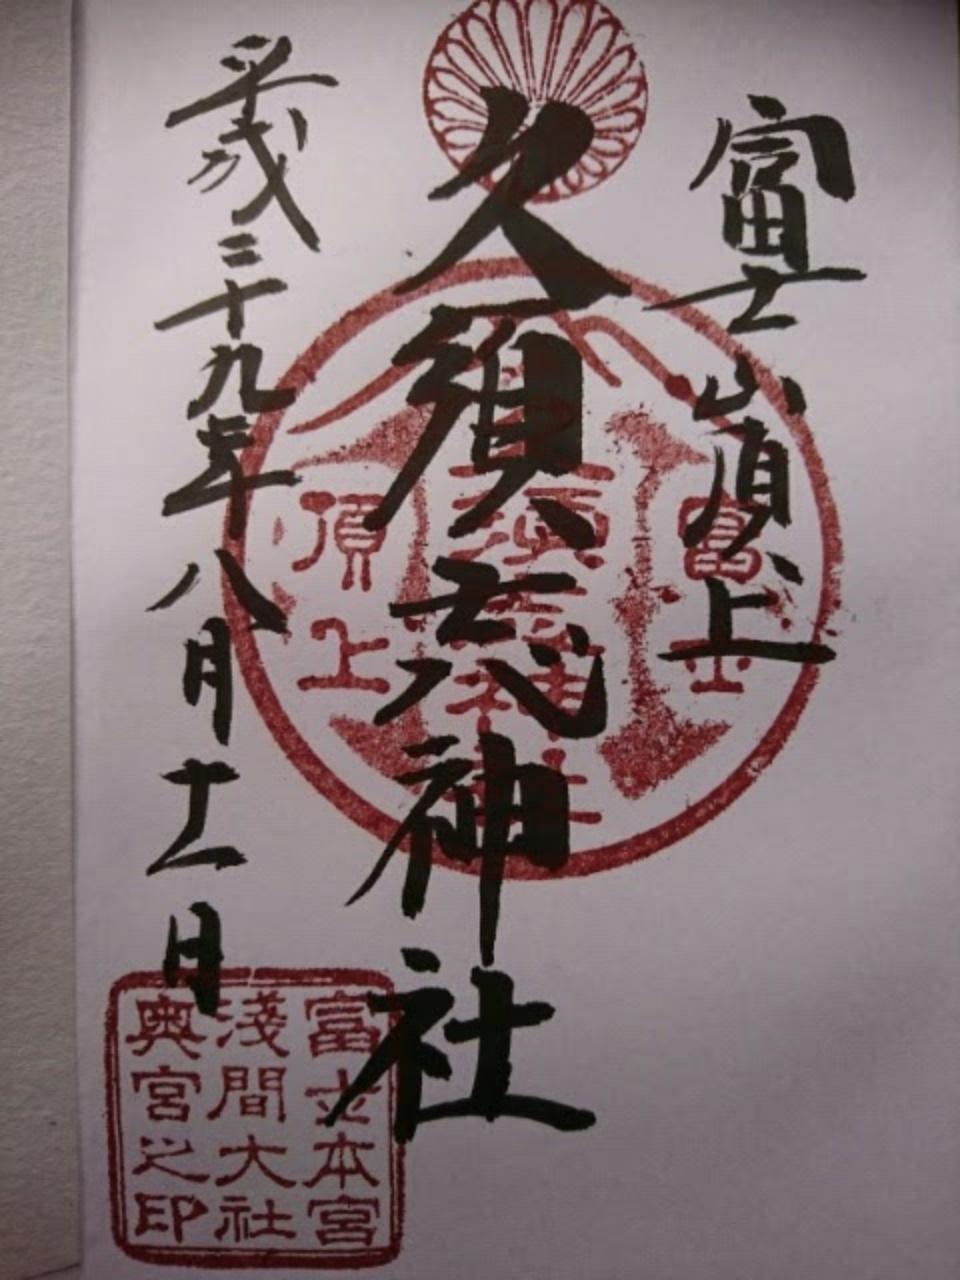 今年も行くぞ!富士山へ!_f0193702_03415310.jpg